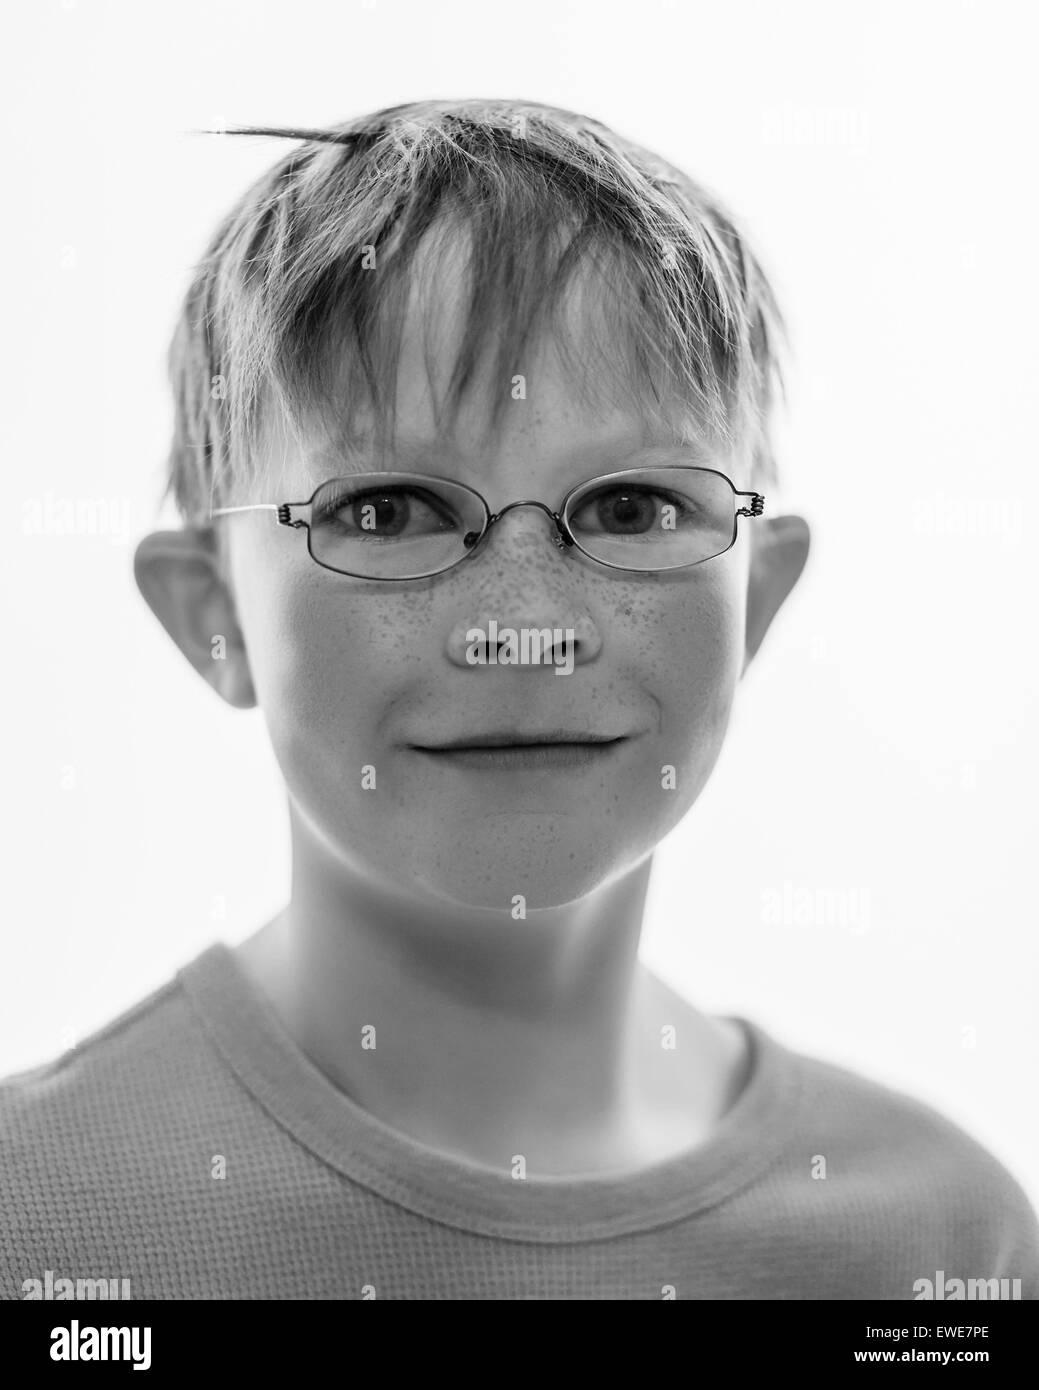 Ritratto in bianco e nero di 9 anno vecchio ragazzo islandese con gli occhiali. Immagini Stock